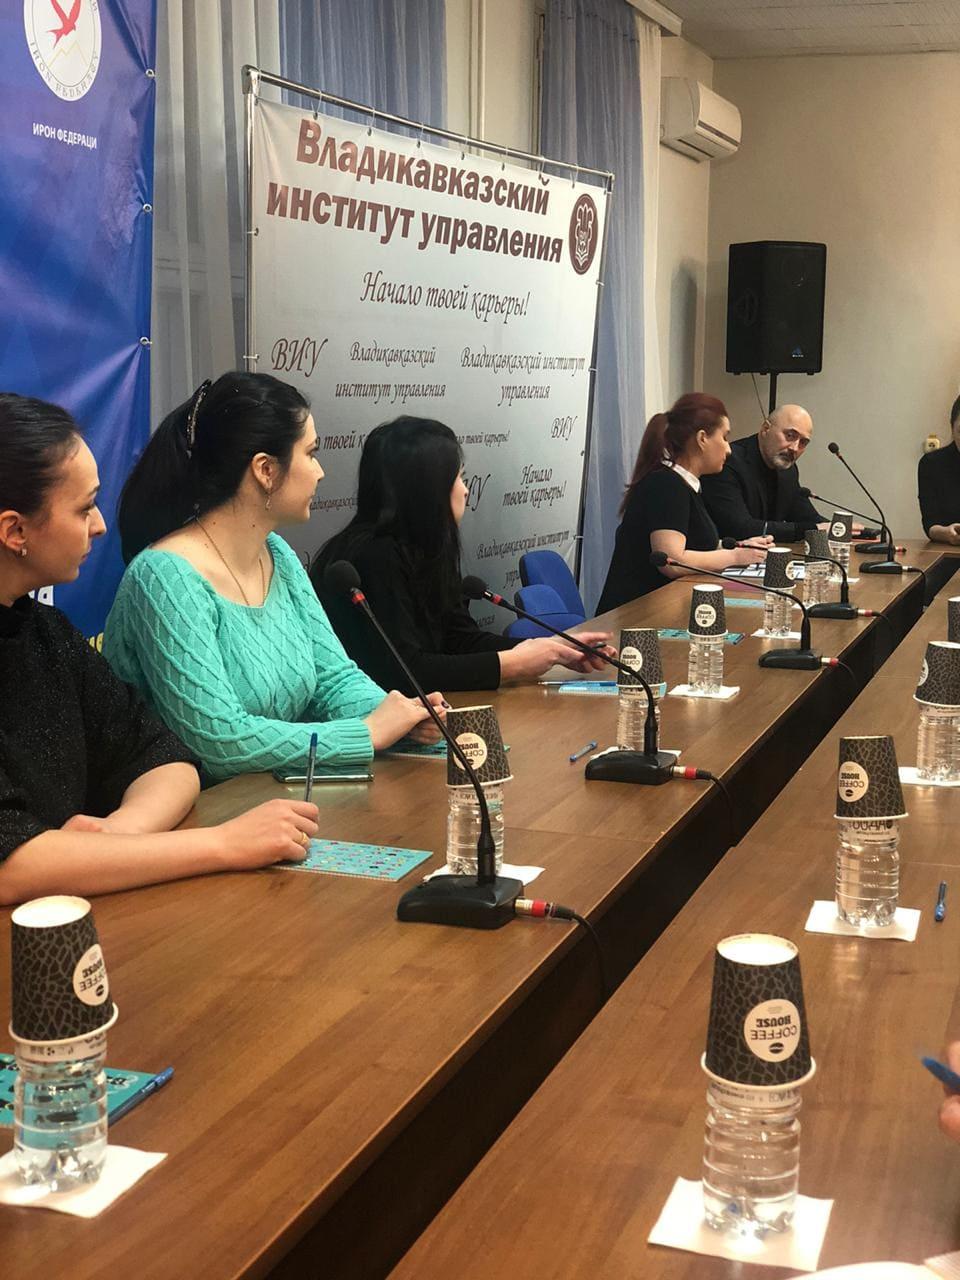 16 декабря 2019 года Фондом поддержки предпринимательства Республики Северная Осетия-Алания организован и проведен семинар «Логистика для экспортеров»   образовательной программы Российского экспортного центра